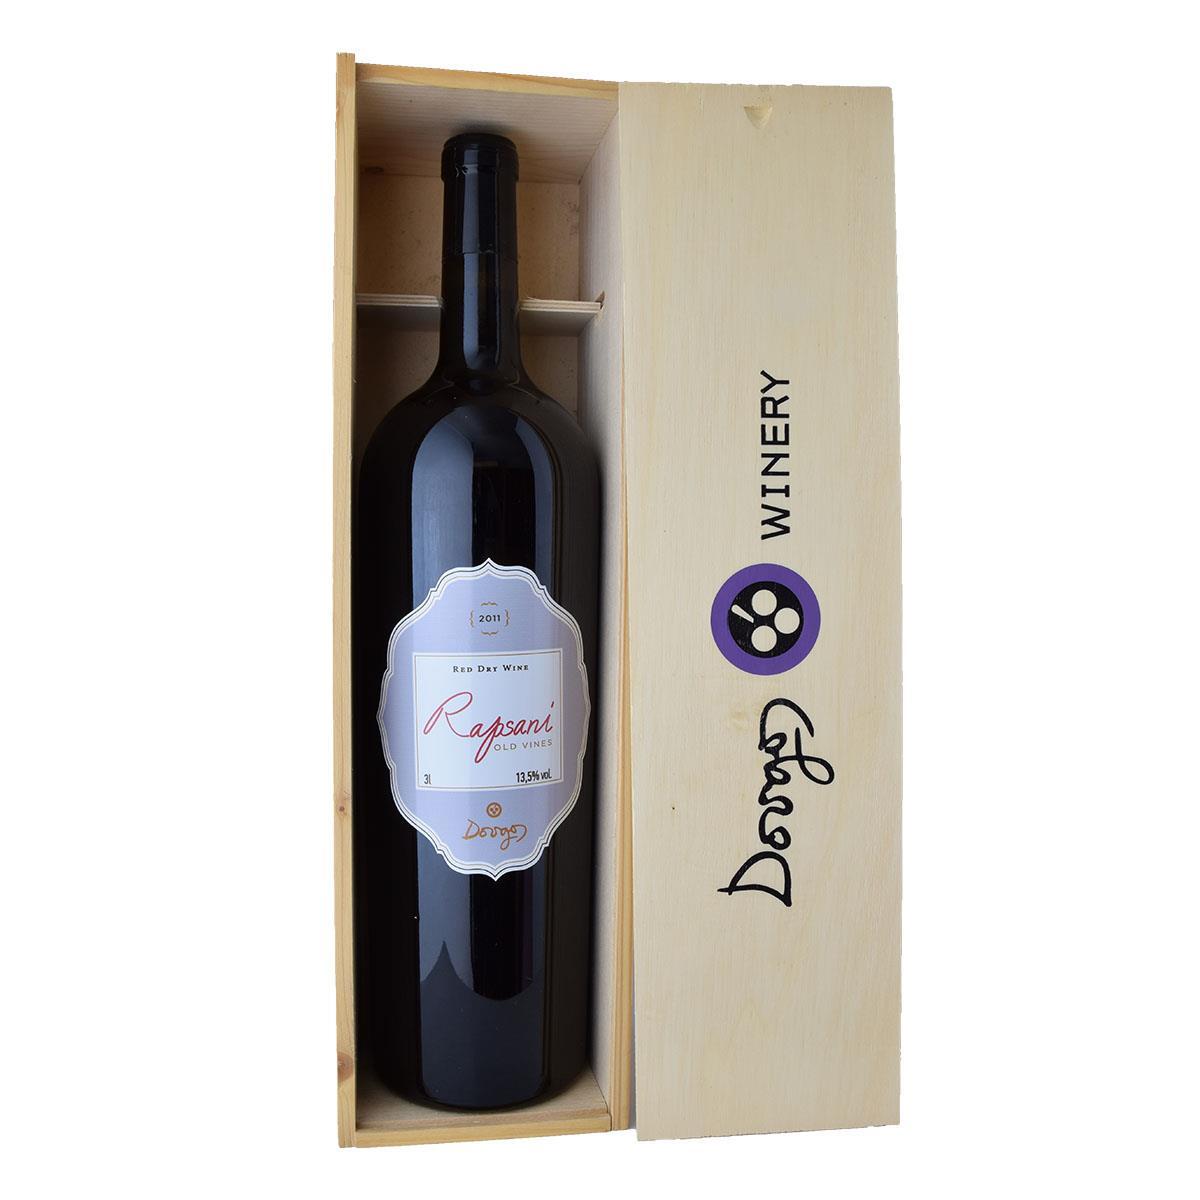 Ντούγκος Ραψάνη Old Vines 3lt (σε ξυλοκιβώτιο)